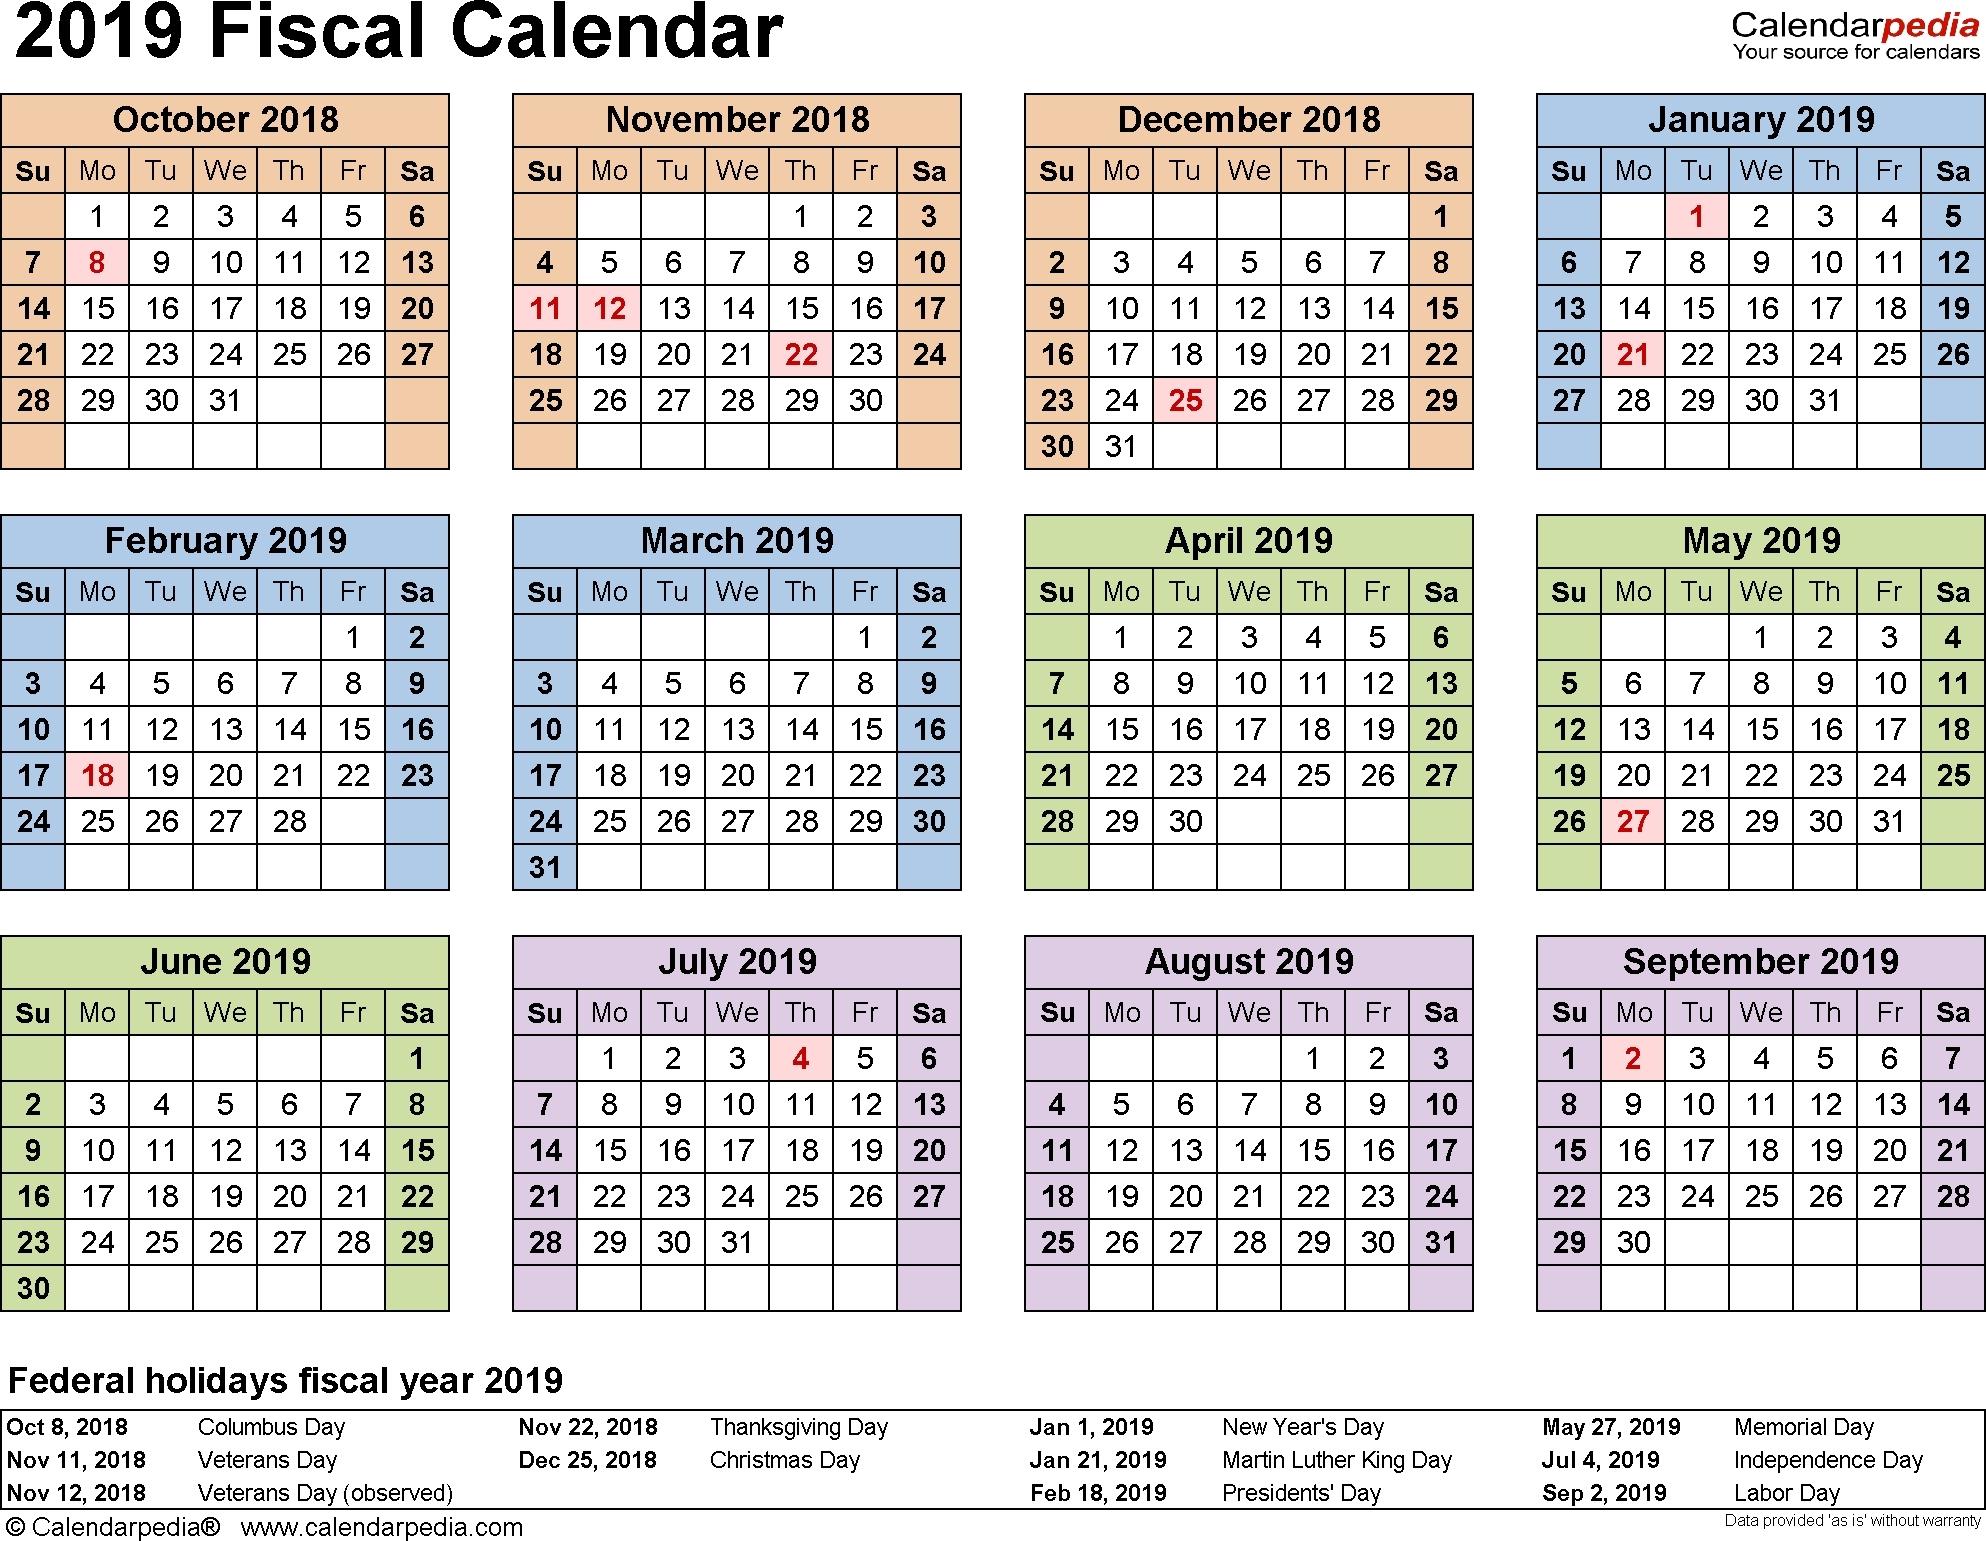 2019-2020 Calendar Financial Week Numbers - Calendar within Fiscal Calander 2020 Week Numbers